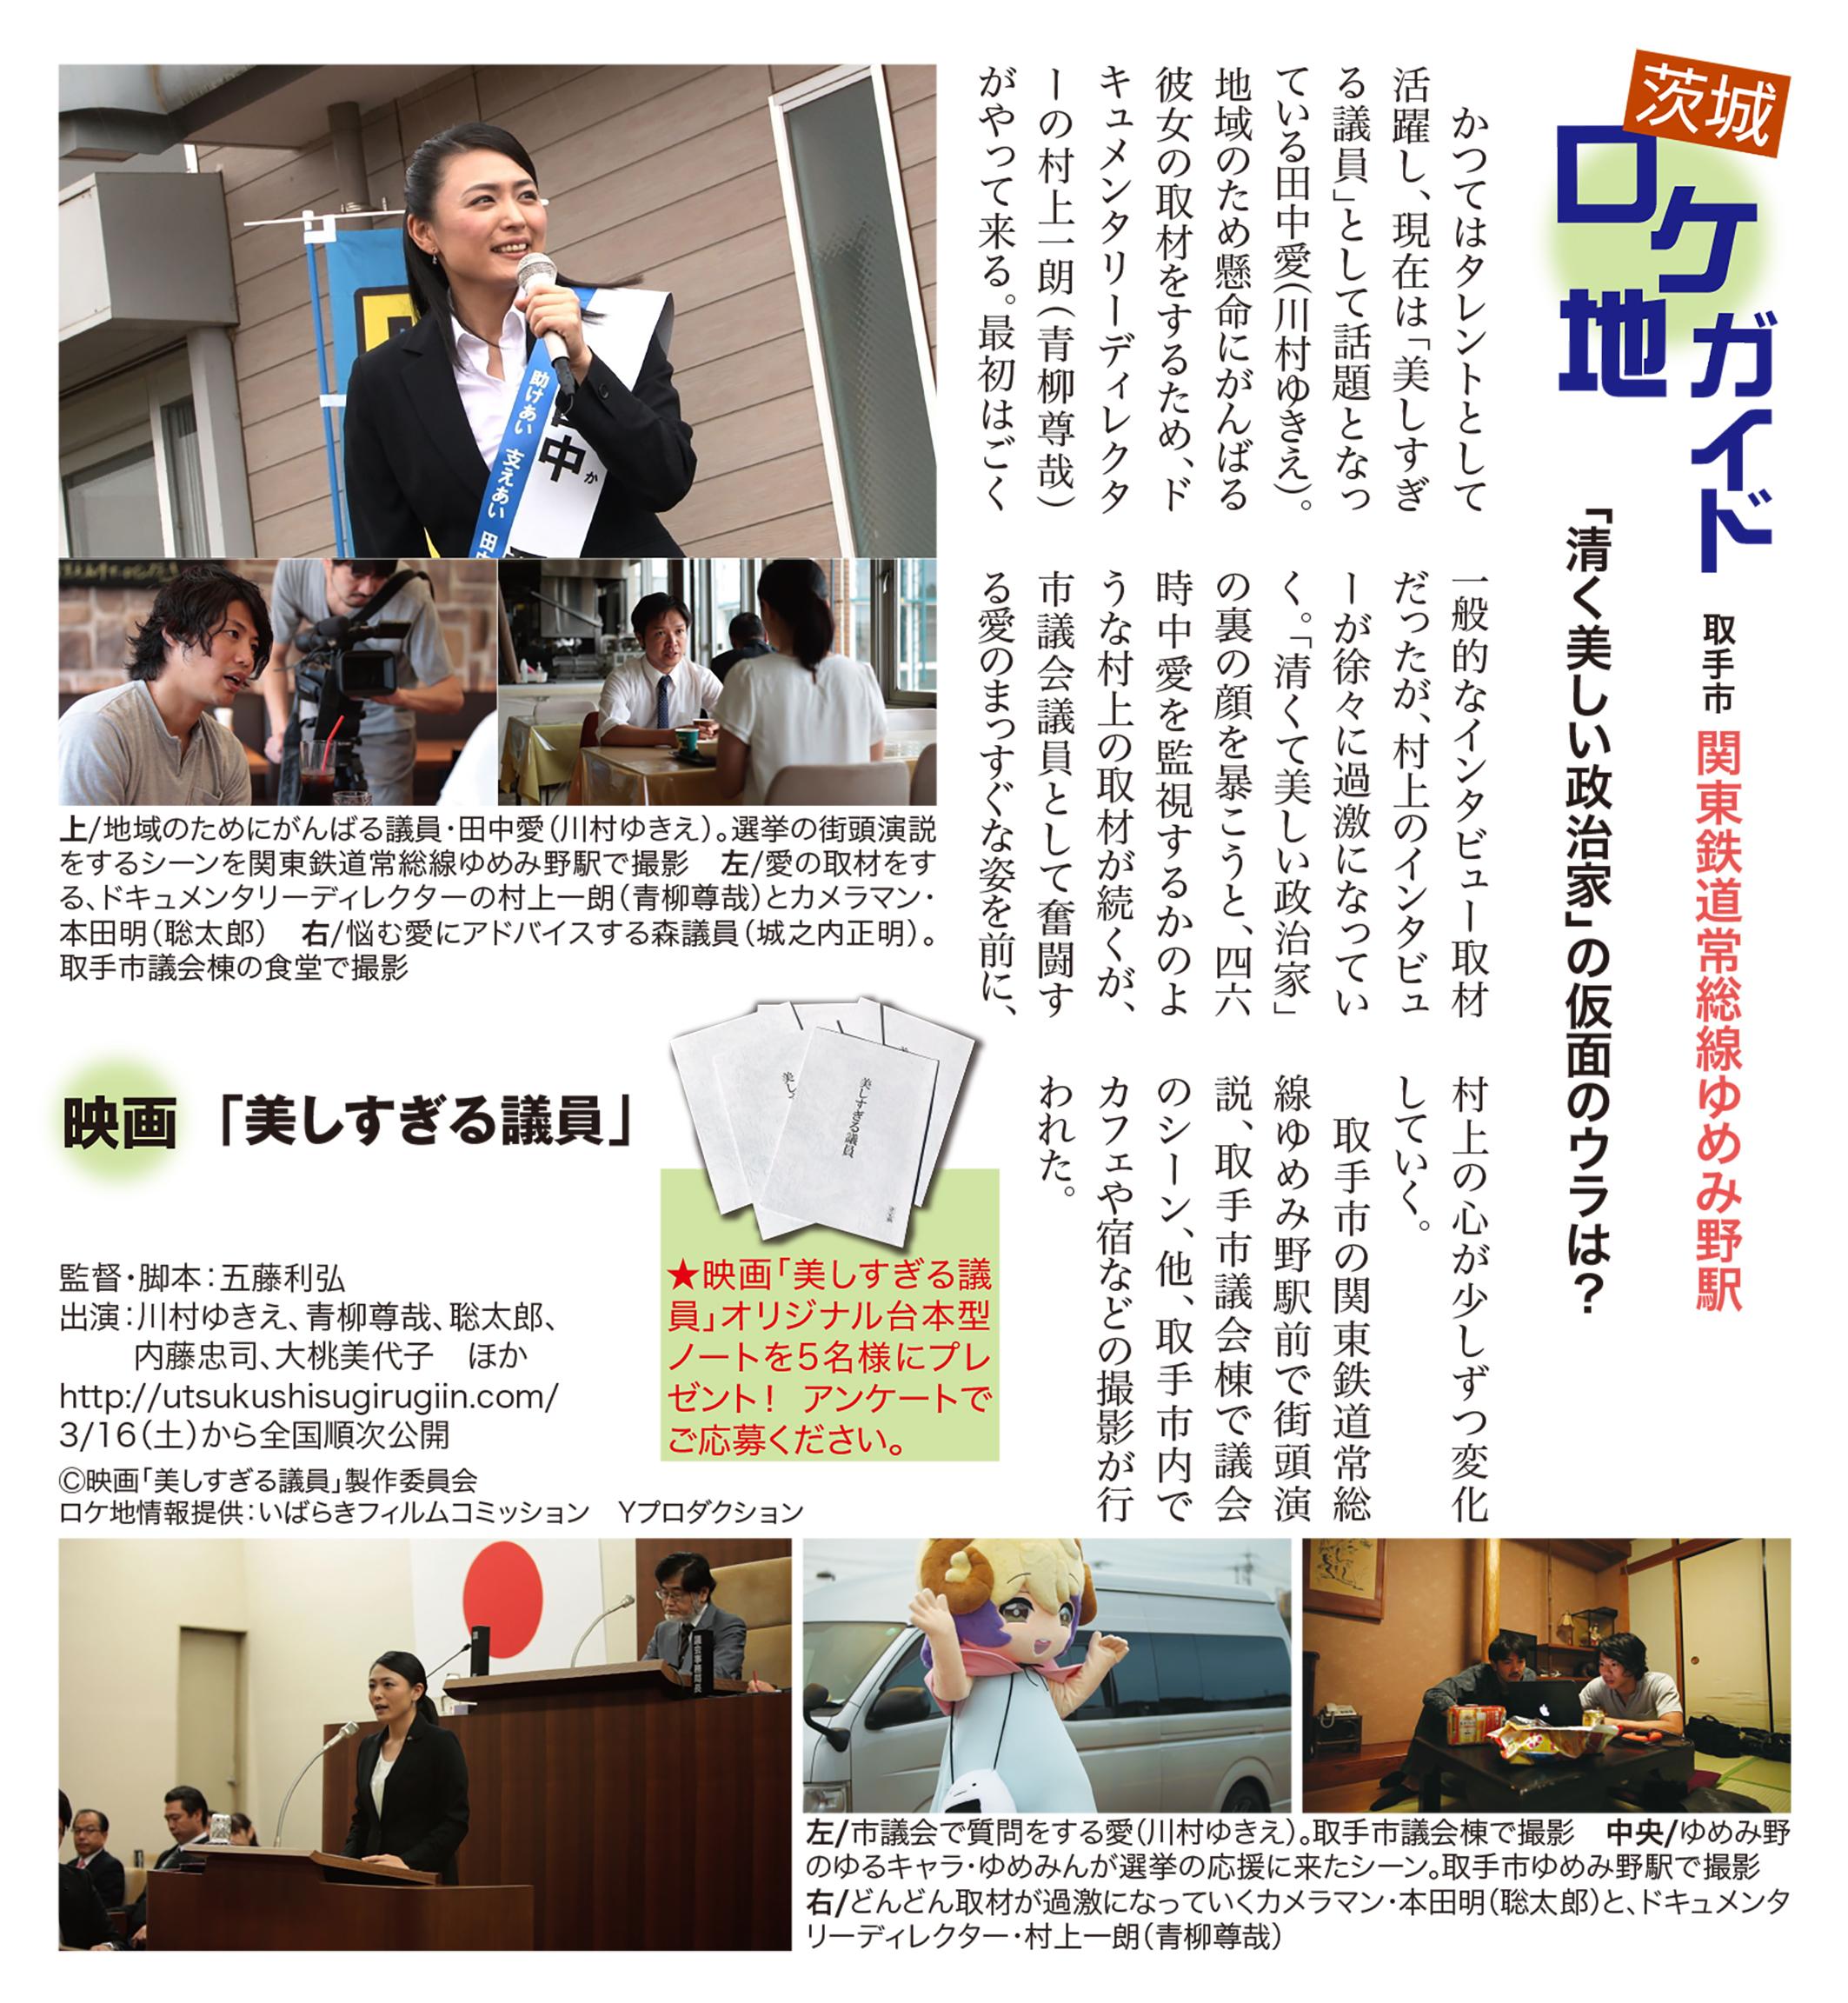 映画『美しすぎる議員』のロケ地は関東鉄道常総線ゆめみ野駅(取手市)